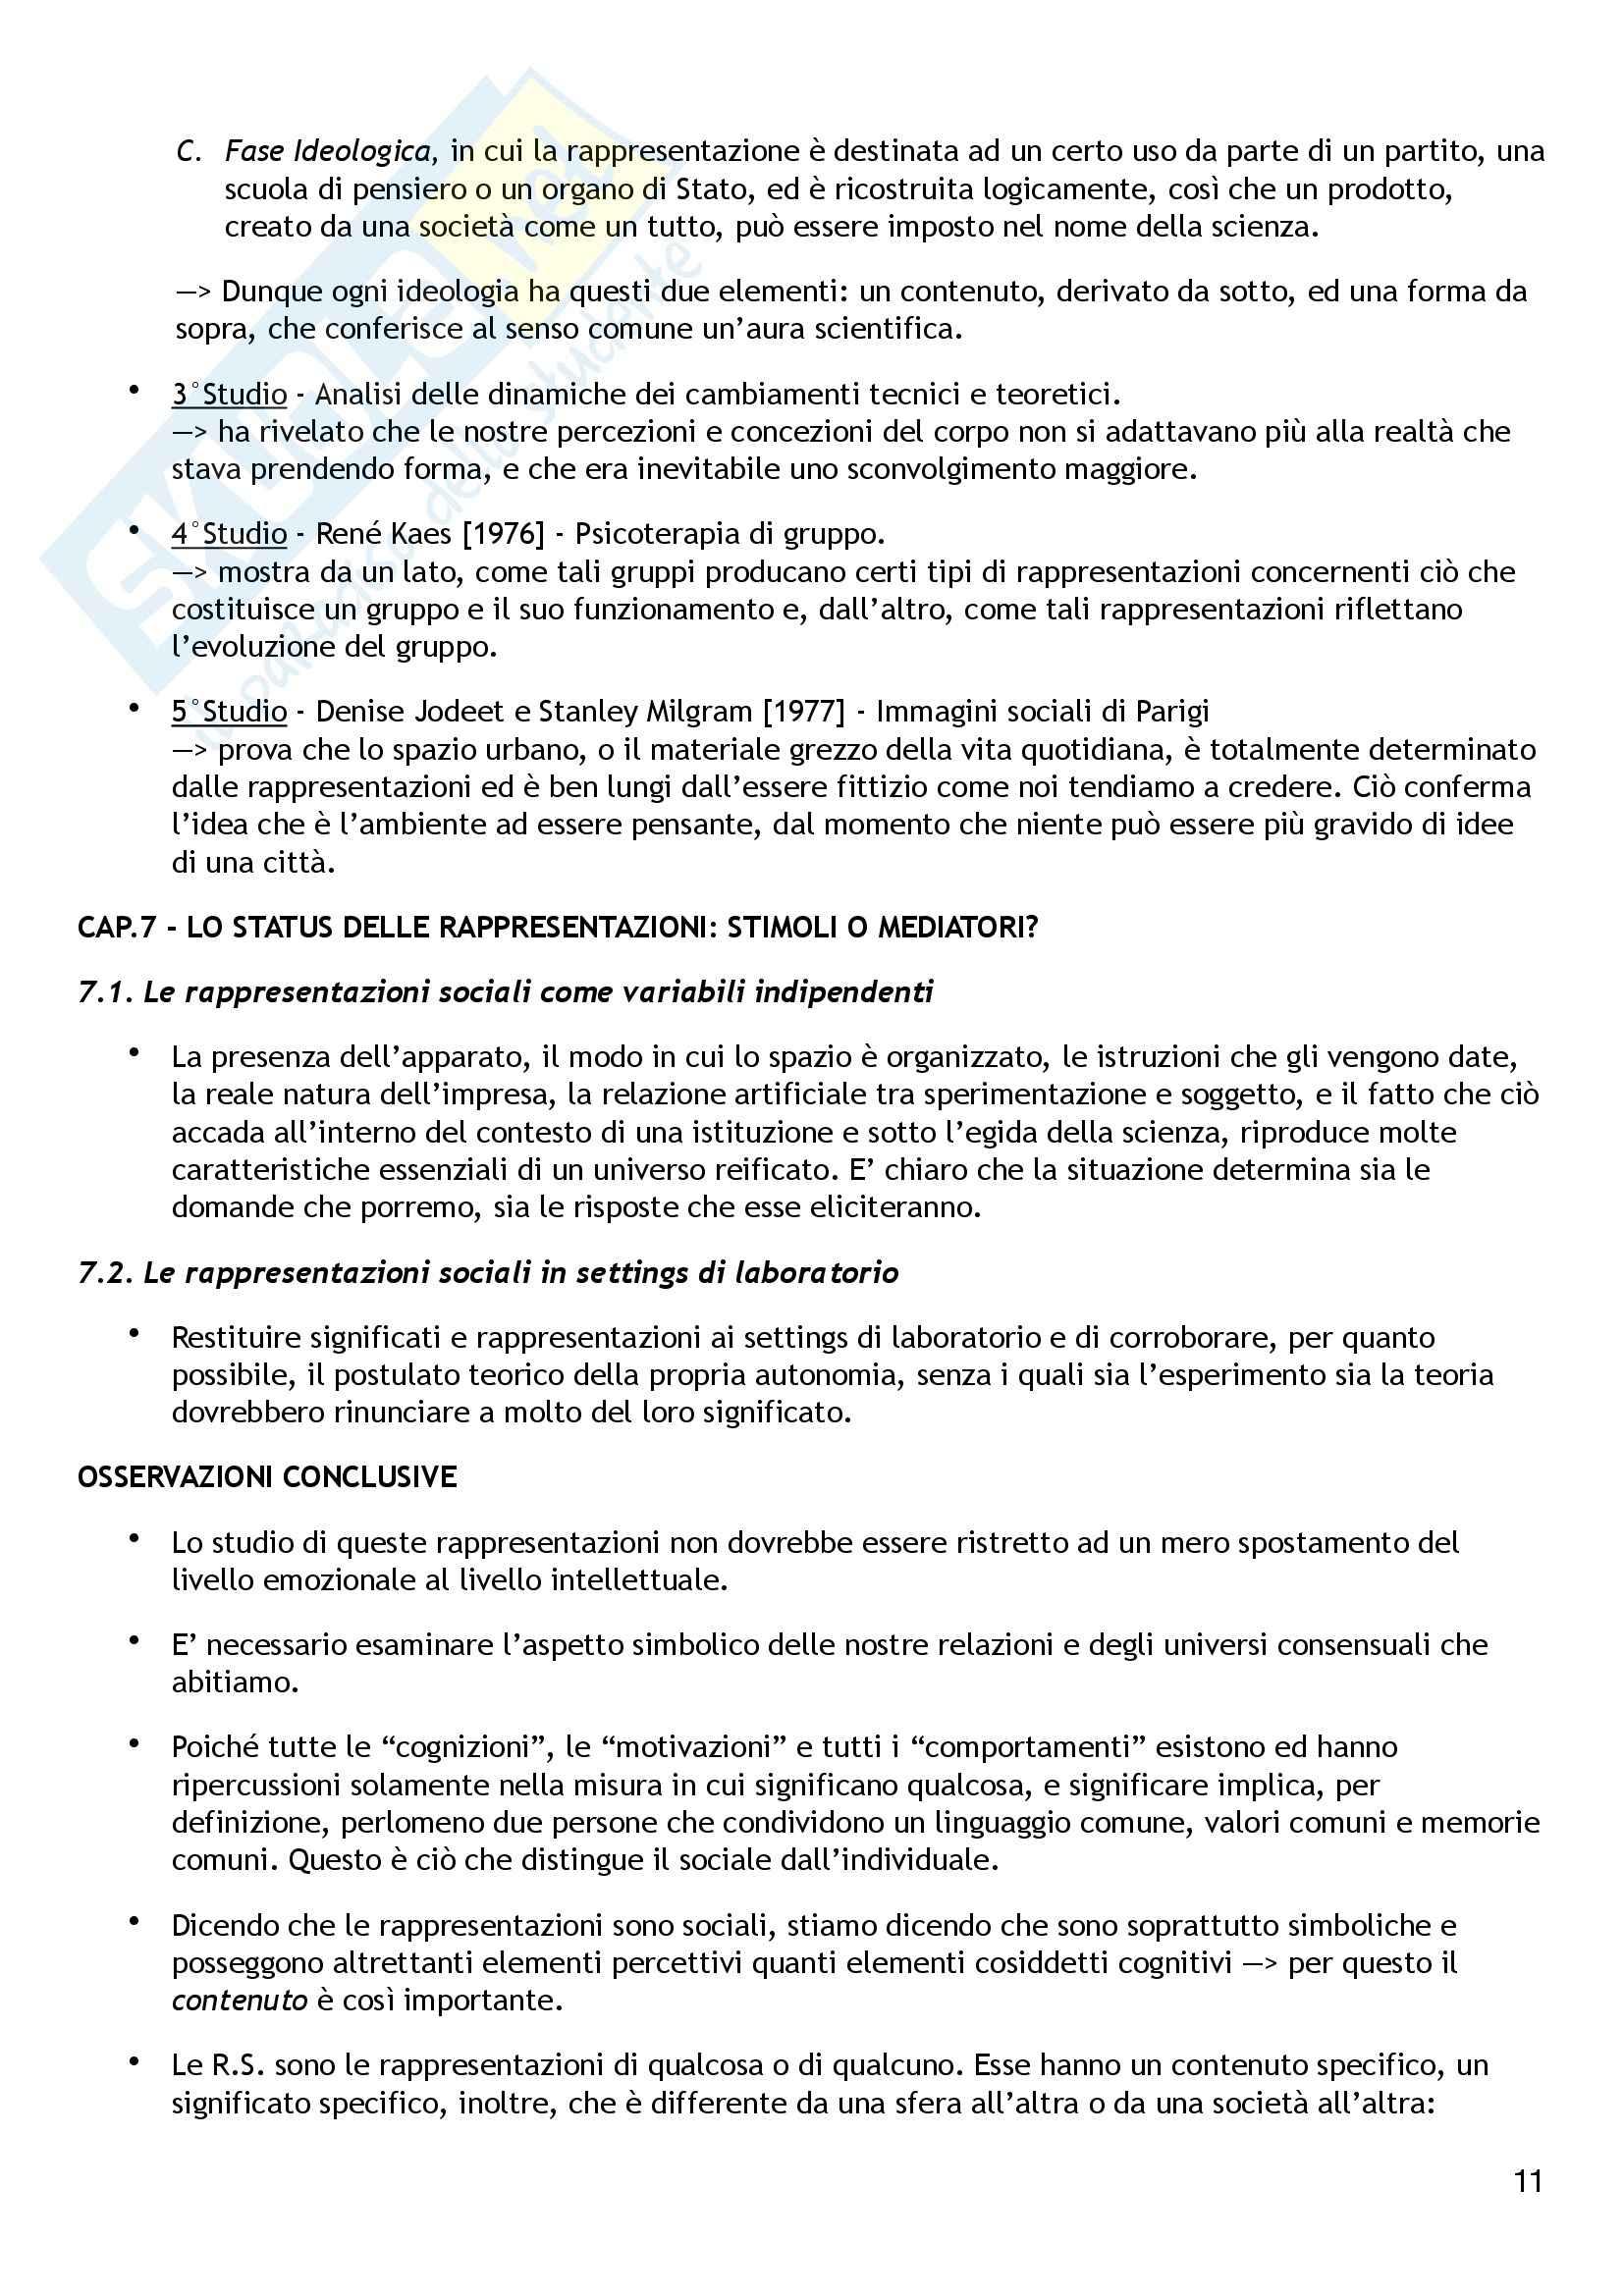 Riassunto esame Psicologia Sociale, prof. Colucci, libro consigliato Le Rappresentazioni Sociali,  Moscovici Pag. 11